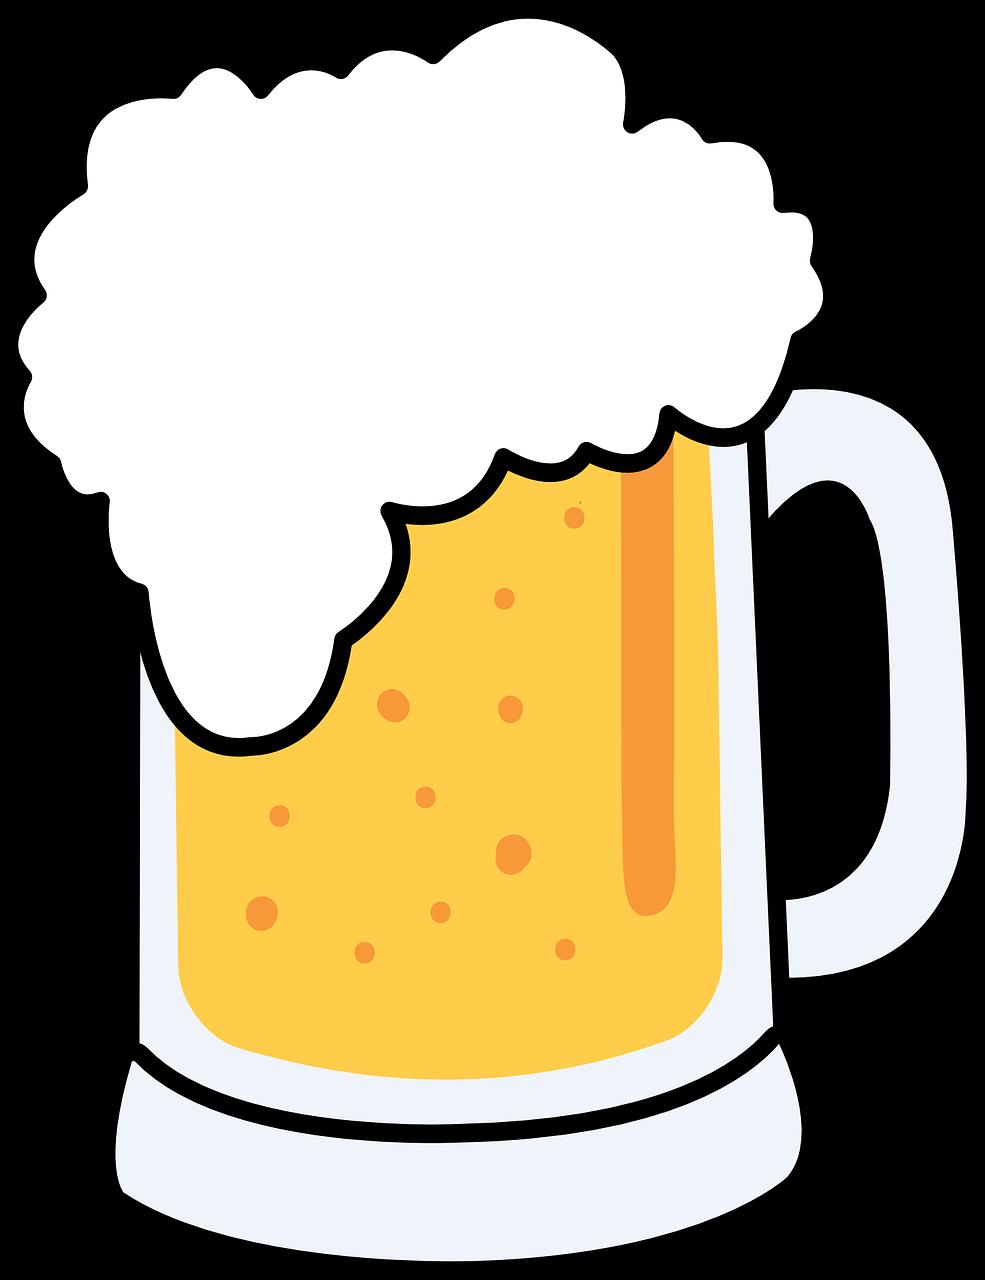 Beer Mugs Clip Art - ClipArt Best